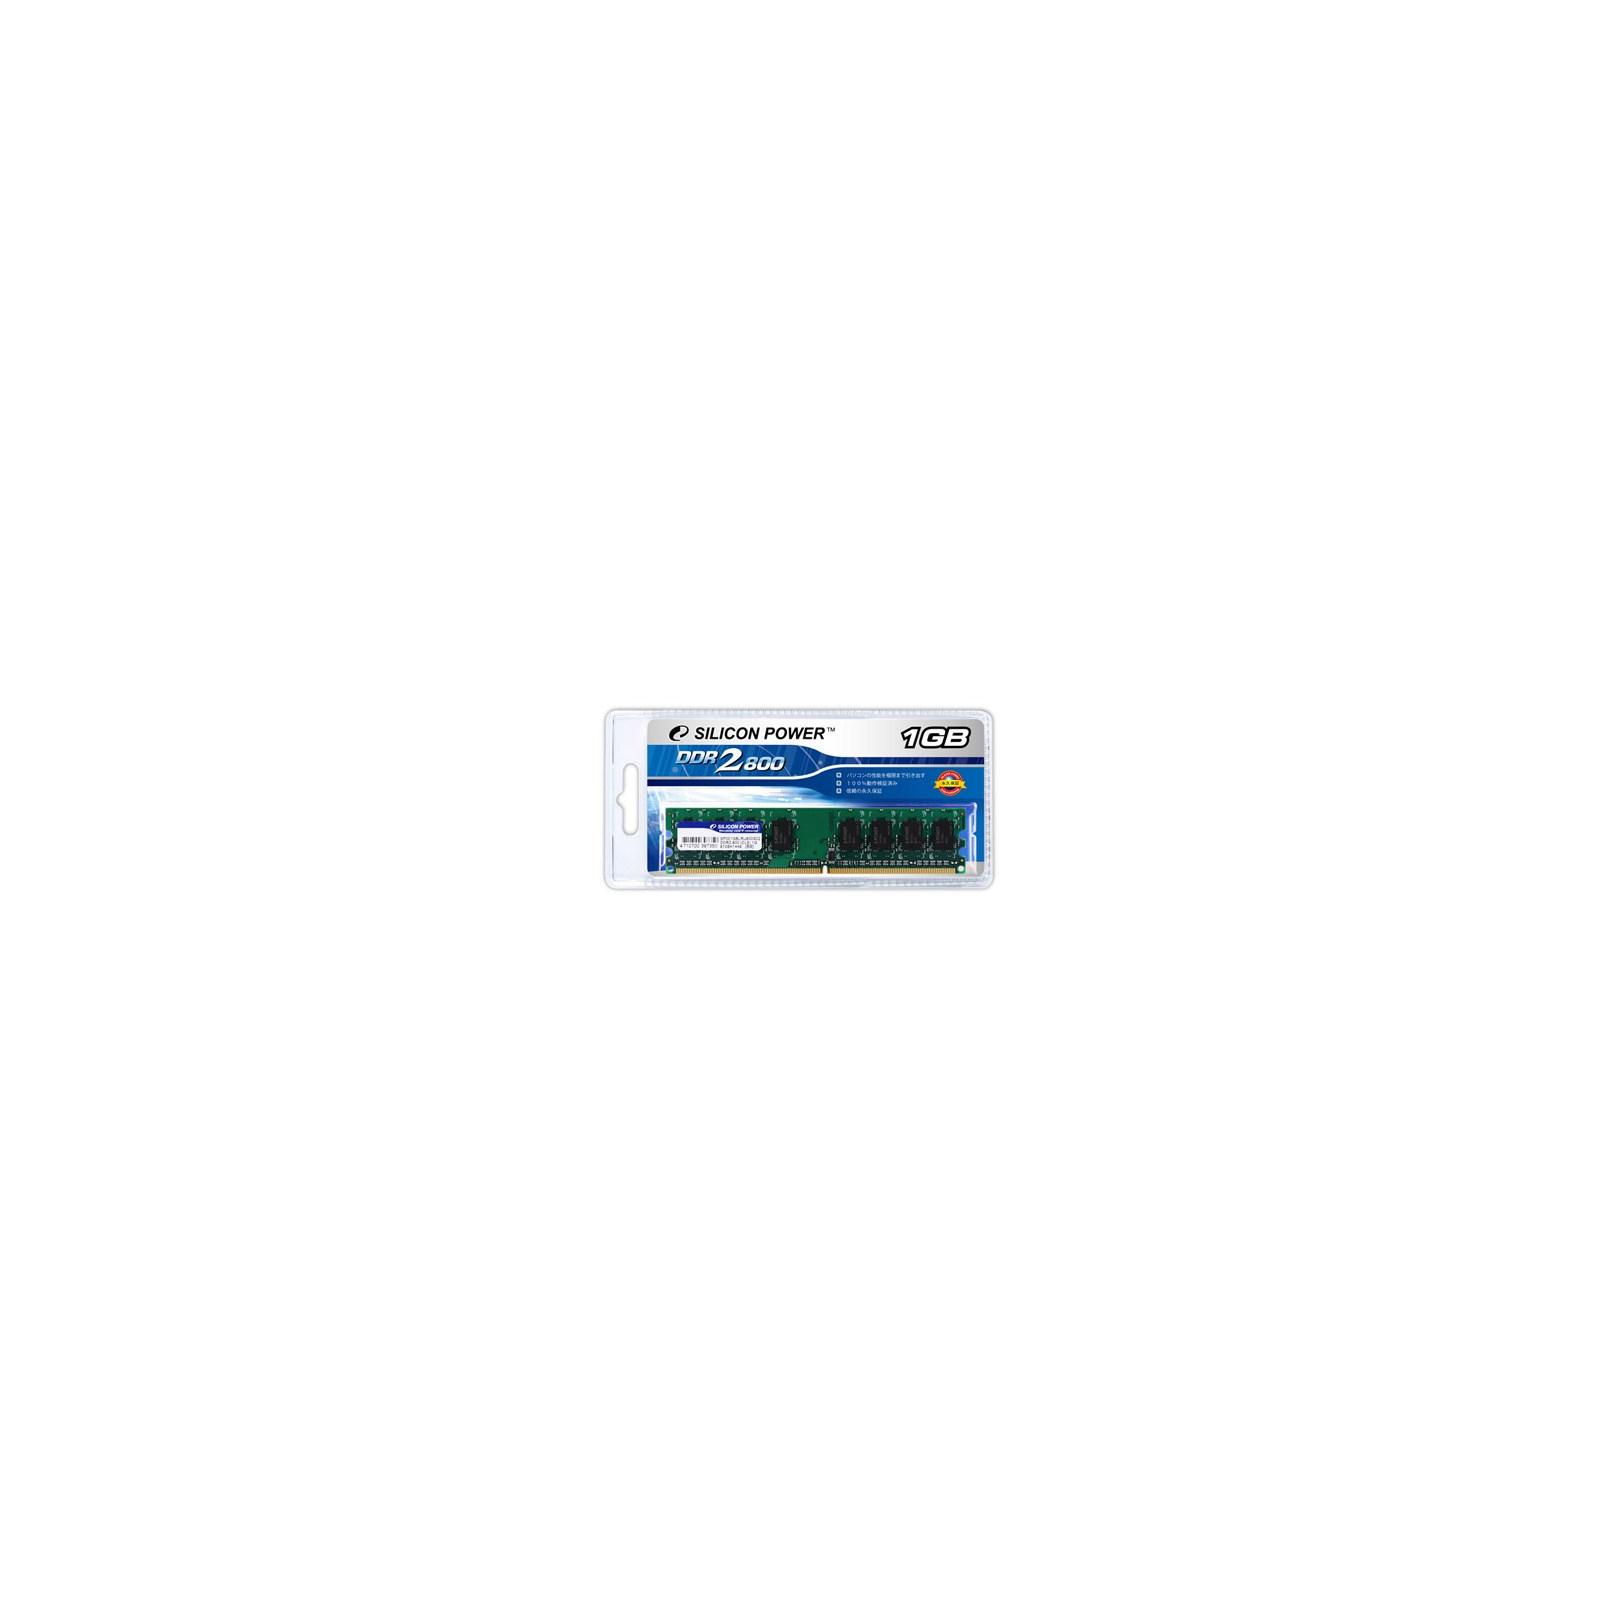 Модуль памяти для компьютера DDR2 1GB 800 MHz Silicon Power (SP001GBLRU800S02)